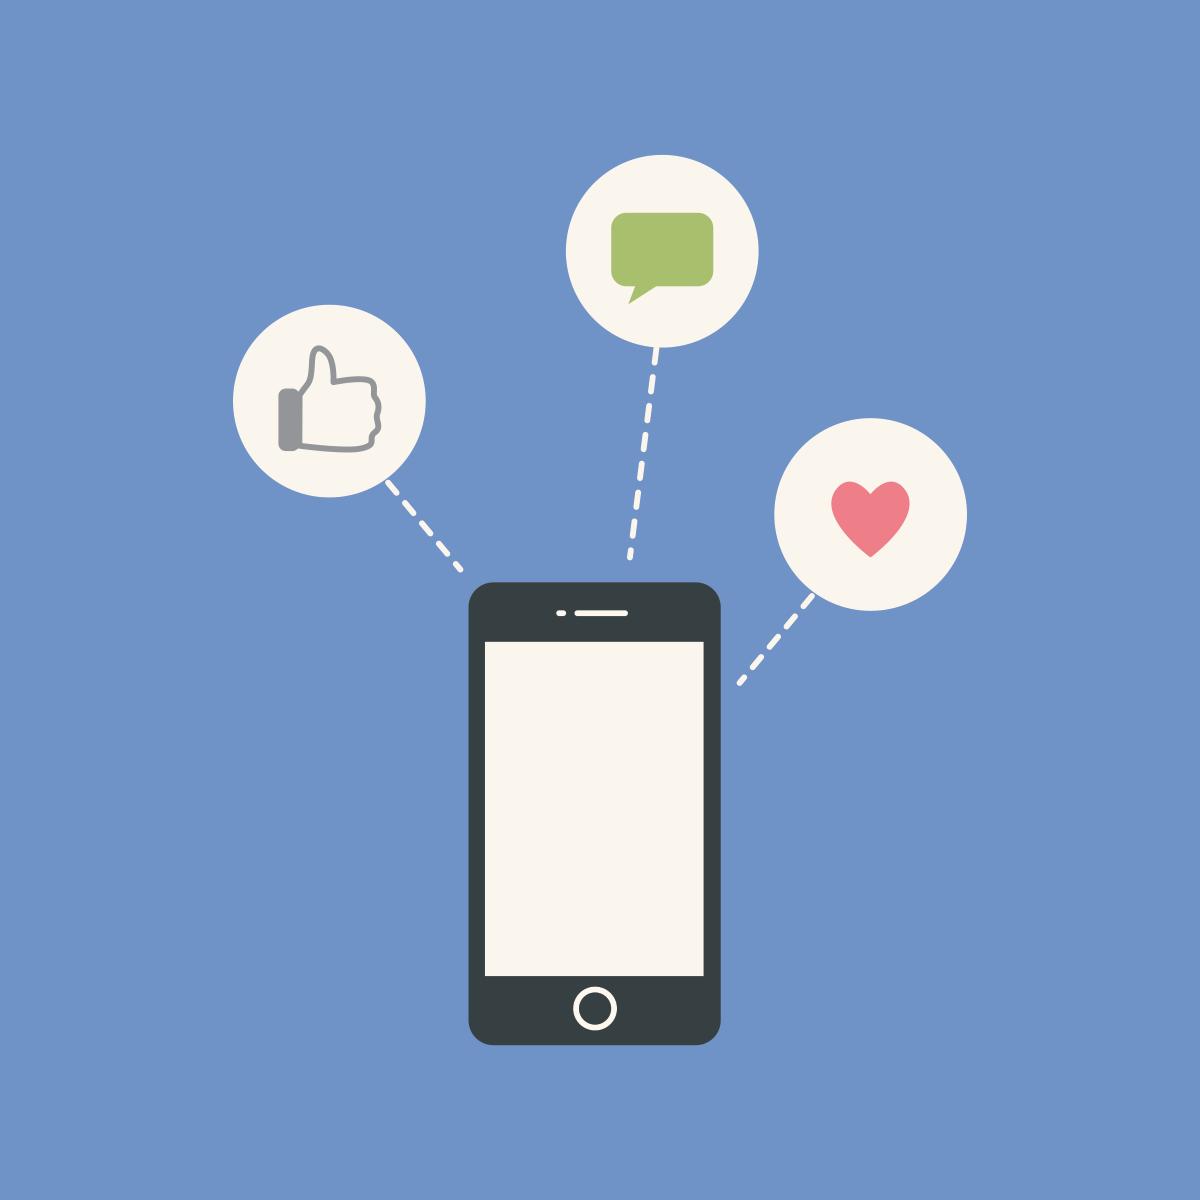 72 social media networks